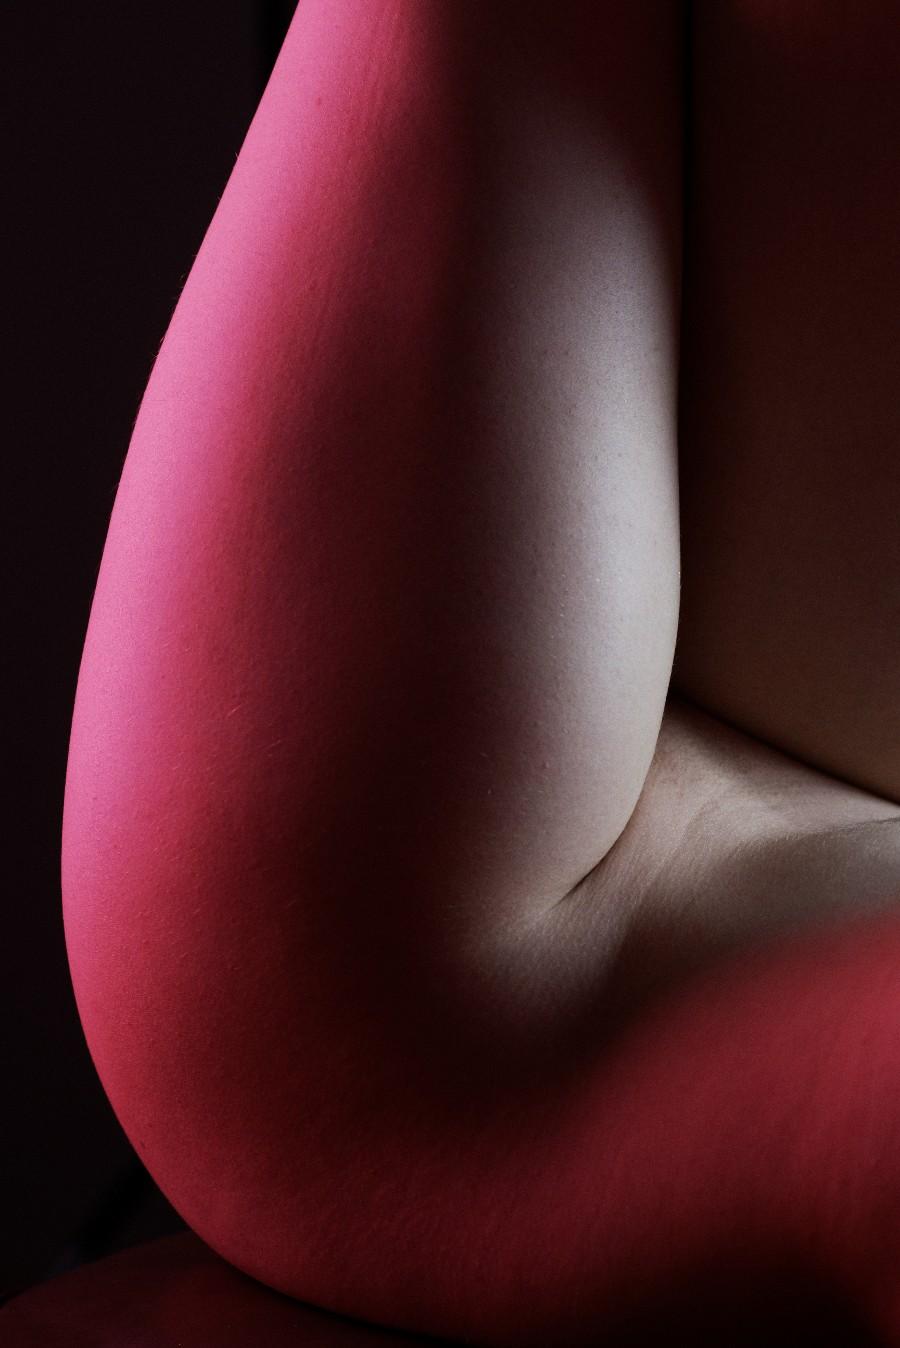 Фрагменты тела